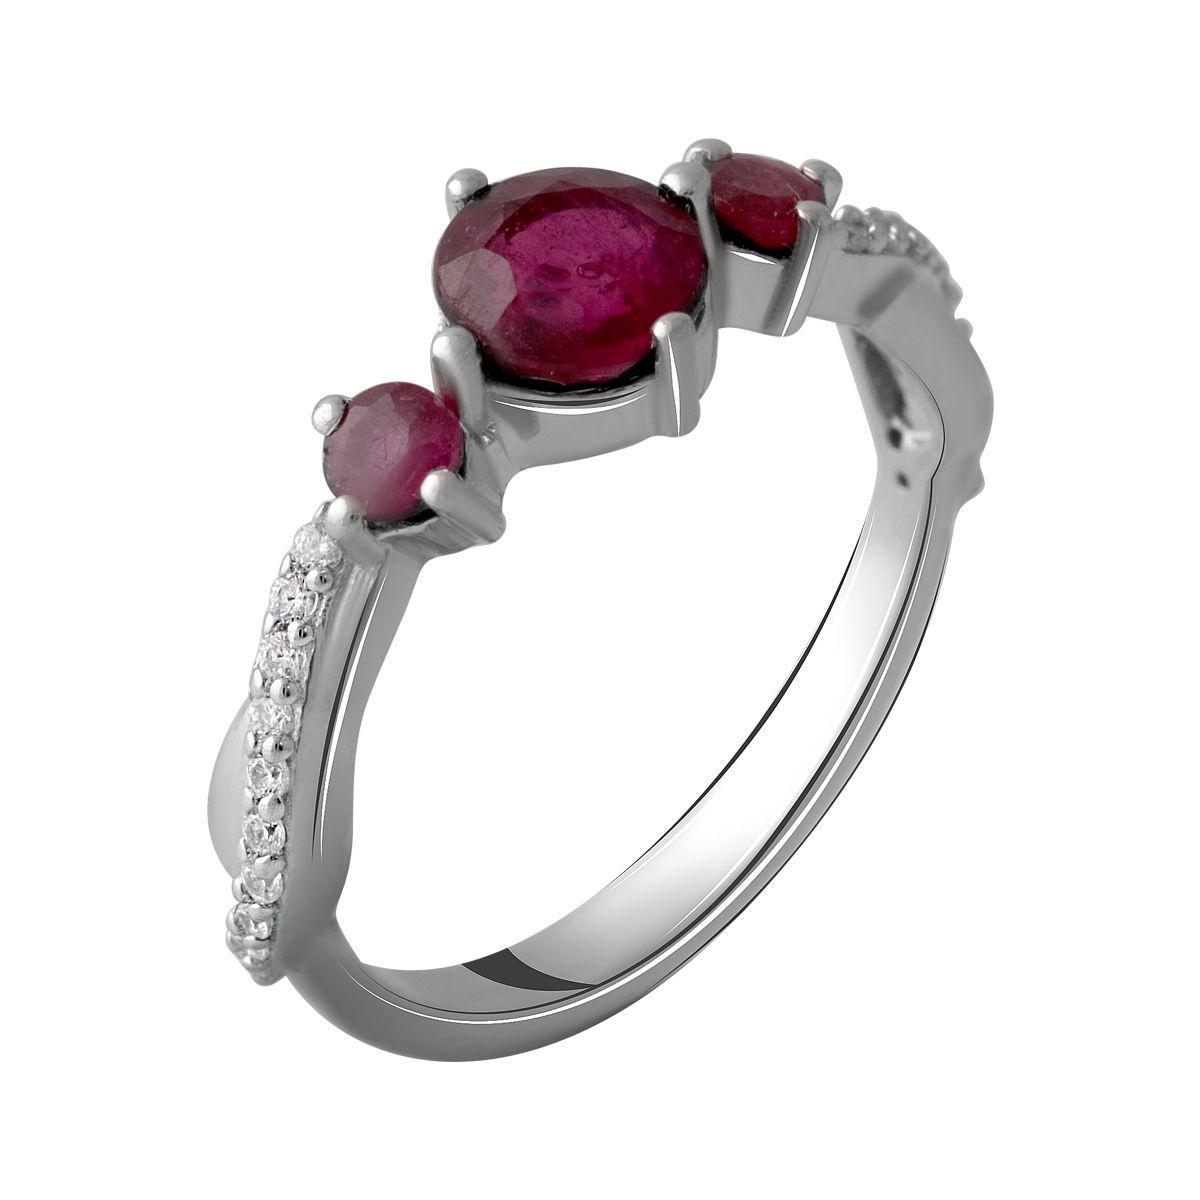 Серебряное кольцо pSilverAlex с натуральным рубином 1.97ct (2057864) 18 размер